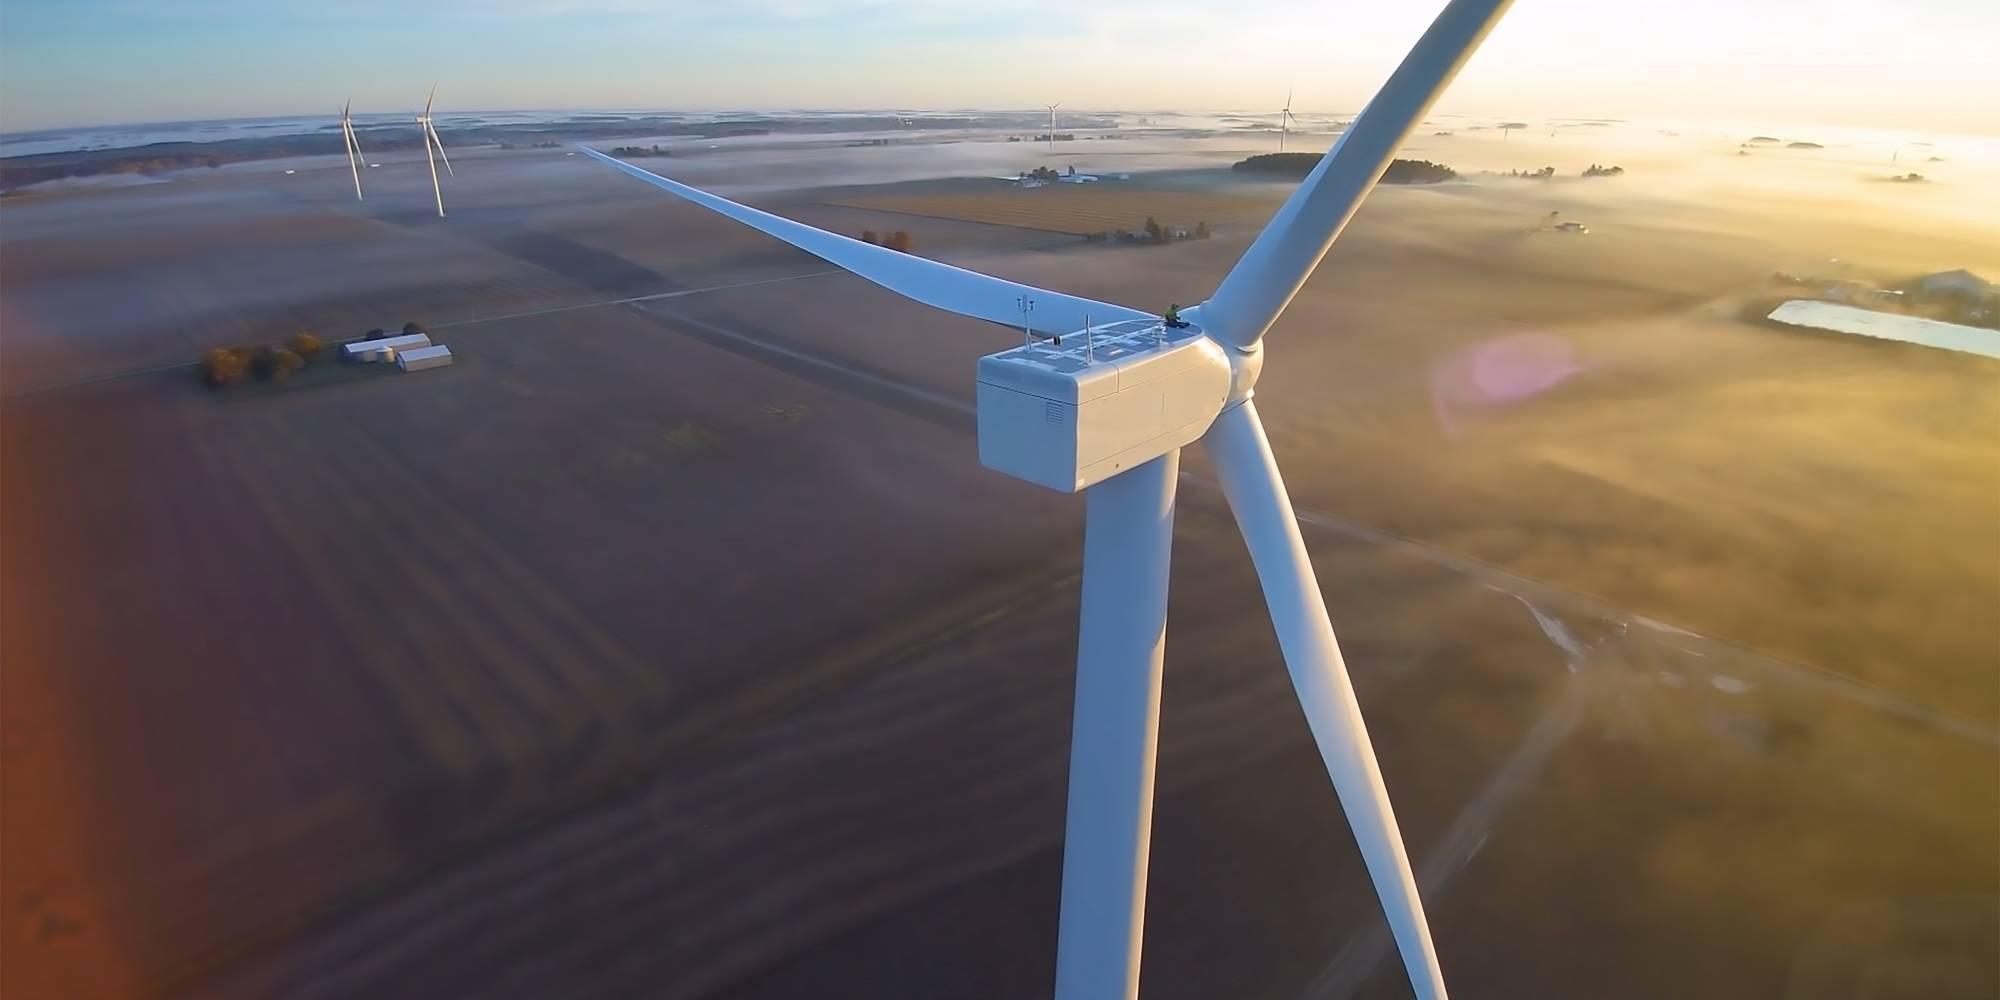 Turbinas eólicas reemplazan a las tierras de cultivo. Para 2020, se espera que la energía eólica sea más barata que el carbón y comparable al gas natural. La industria eólica actualmente emplea a más de 100 mil trabajadores y está creciendo rápidamente.